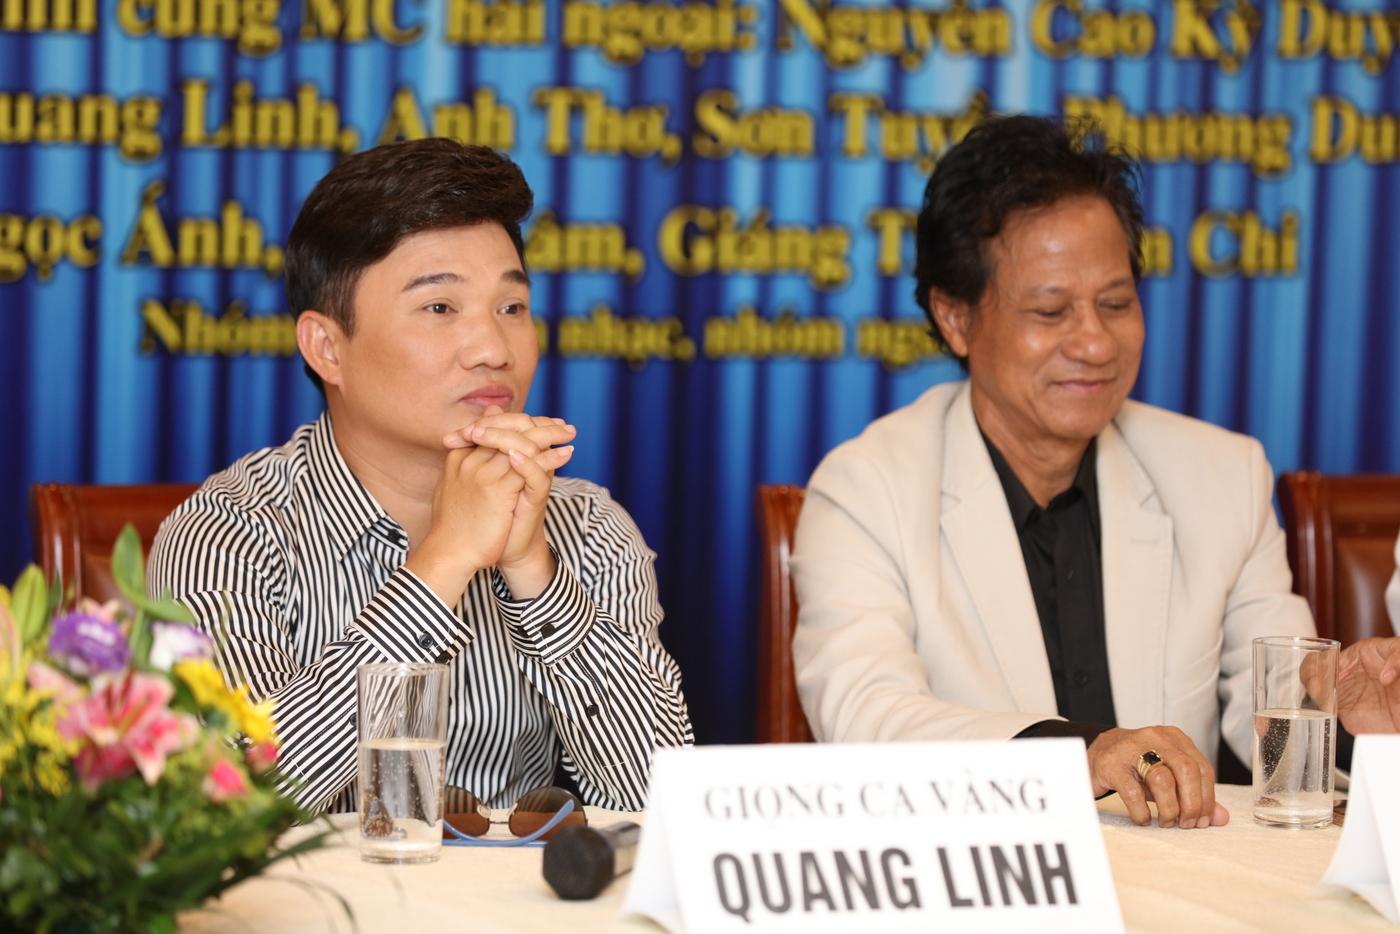 Giải trí - Sự thật cát-xê hát một bài mua được 4 căn nhà mặt phố của Quang Linh